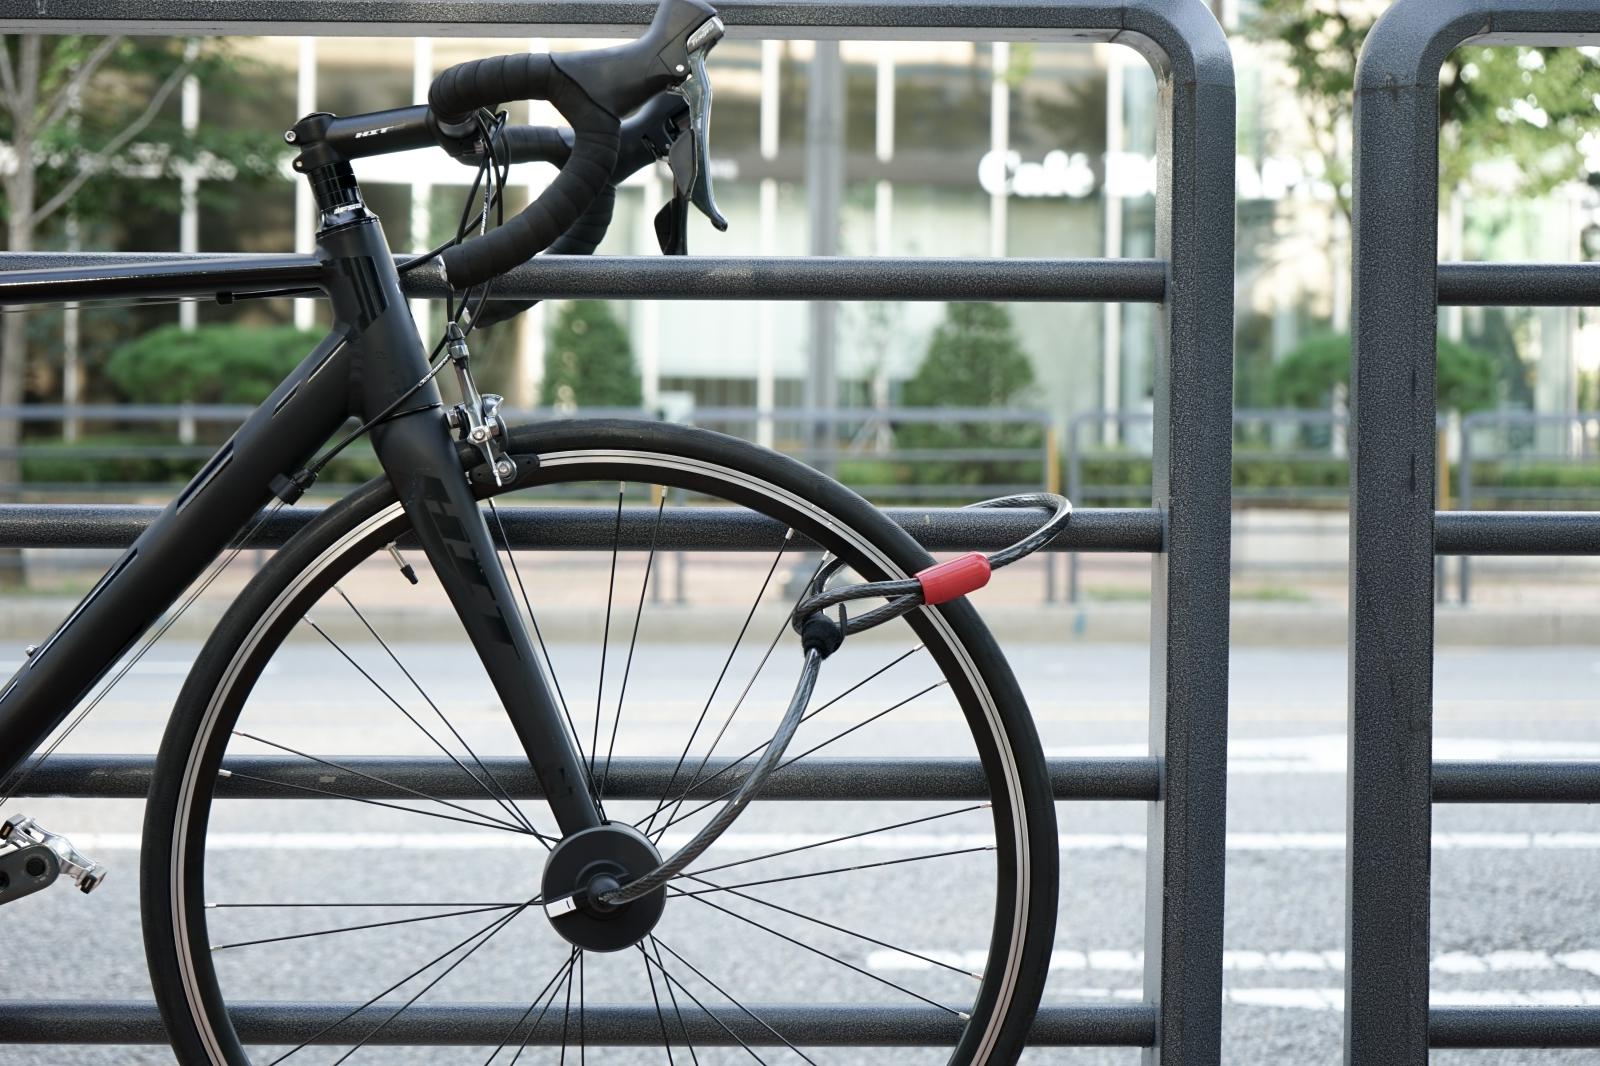 Das Team plant als nächster Schritt auch eine Fahrradkette als Erweiterung des Systems.